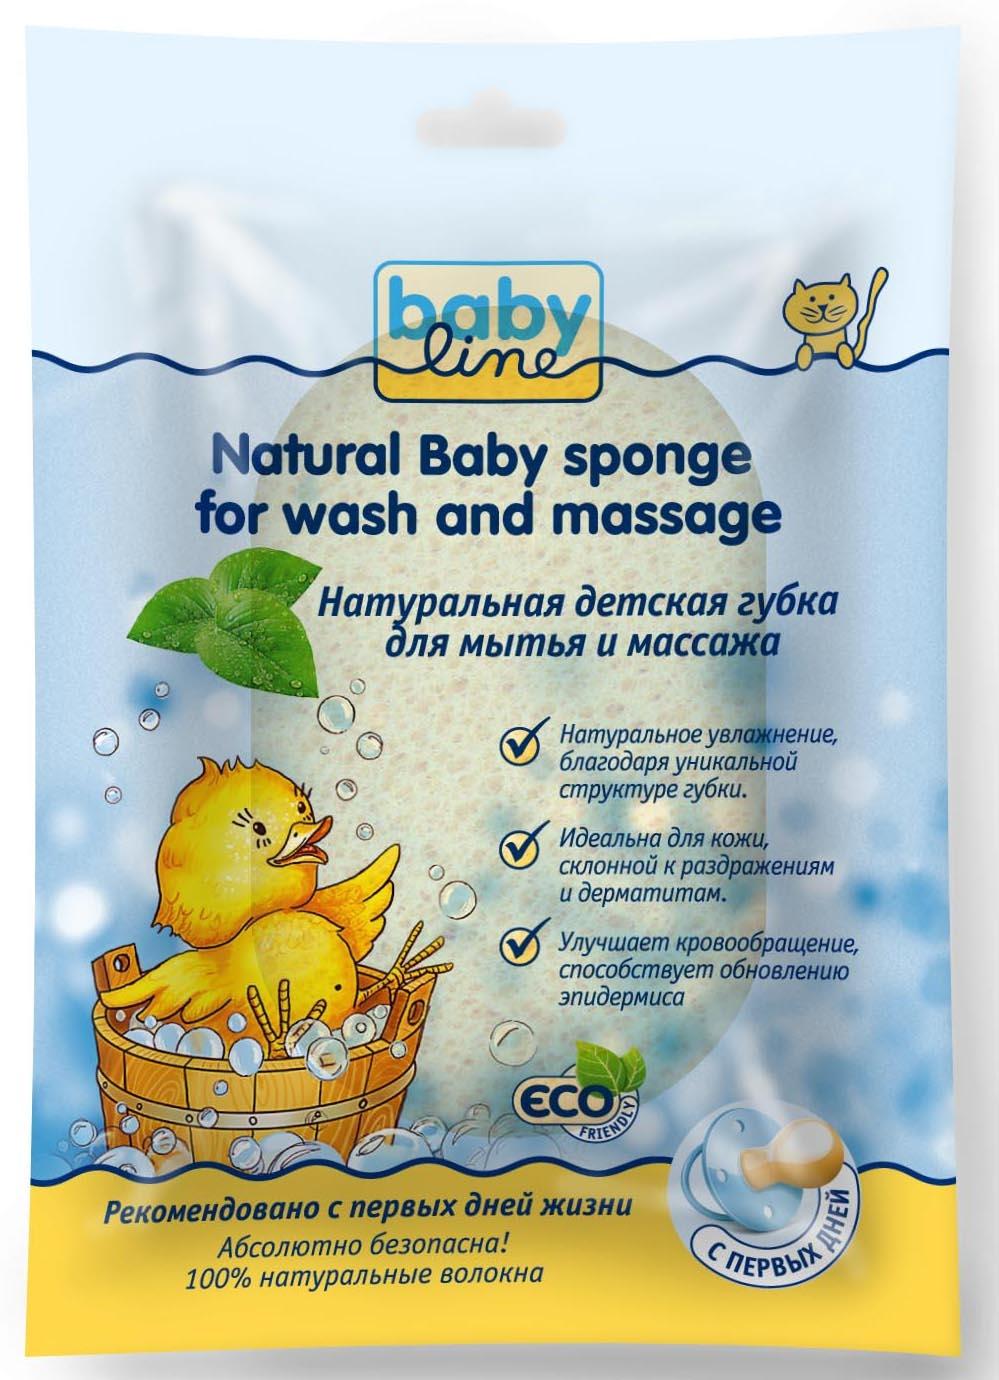 Губки и мочалки BABYLINE Натуральная детская губка для мытья и массажа мочалки 7 морей губка натуральная морская детская хард тайп 3 0 3 5 дюйма